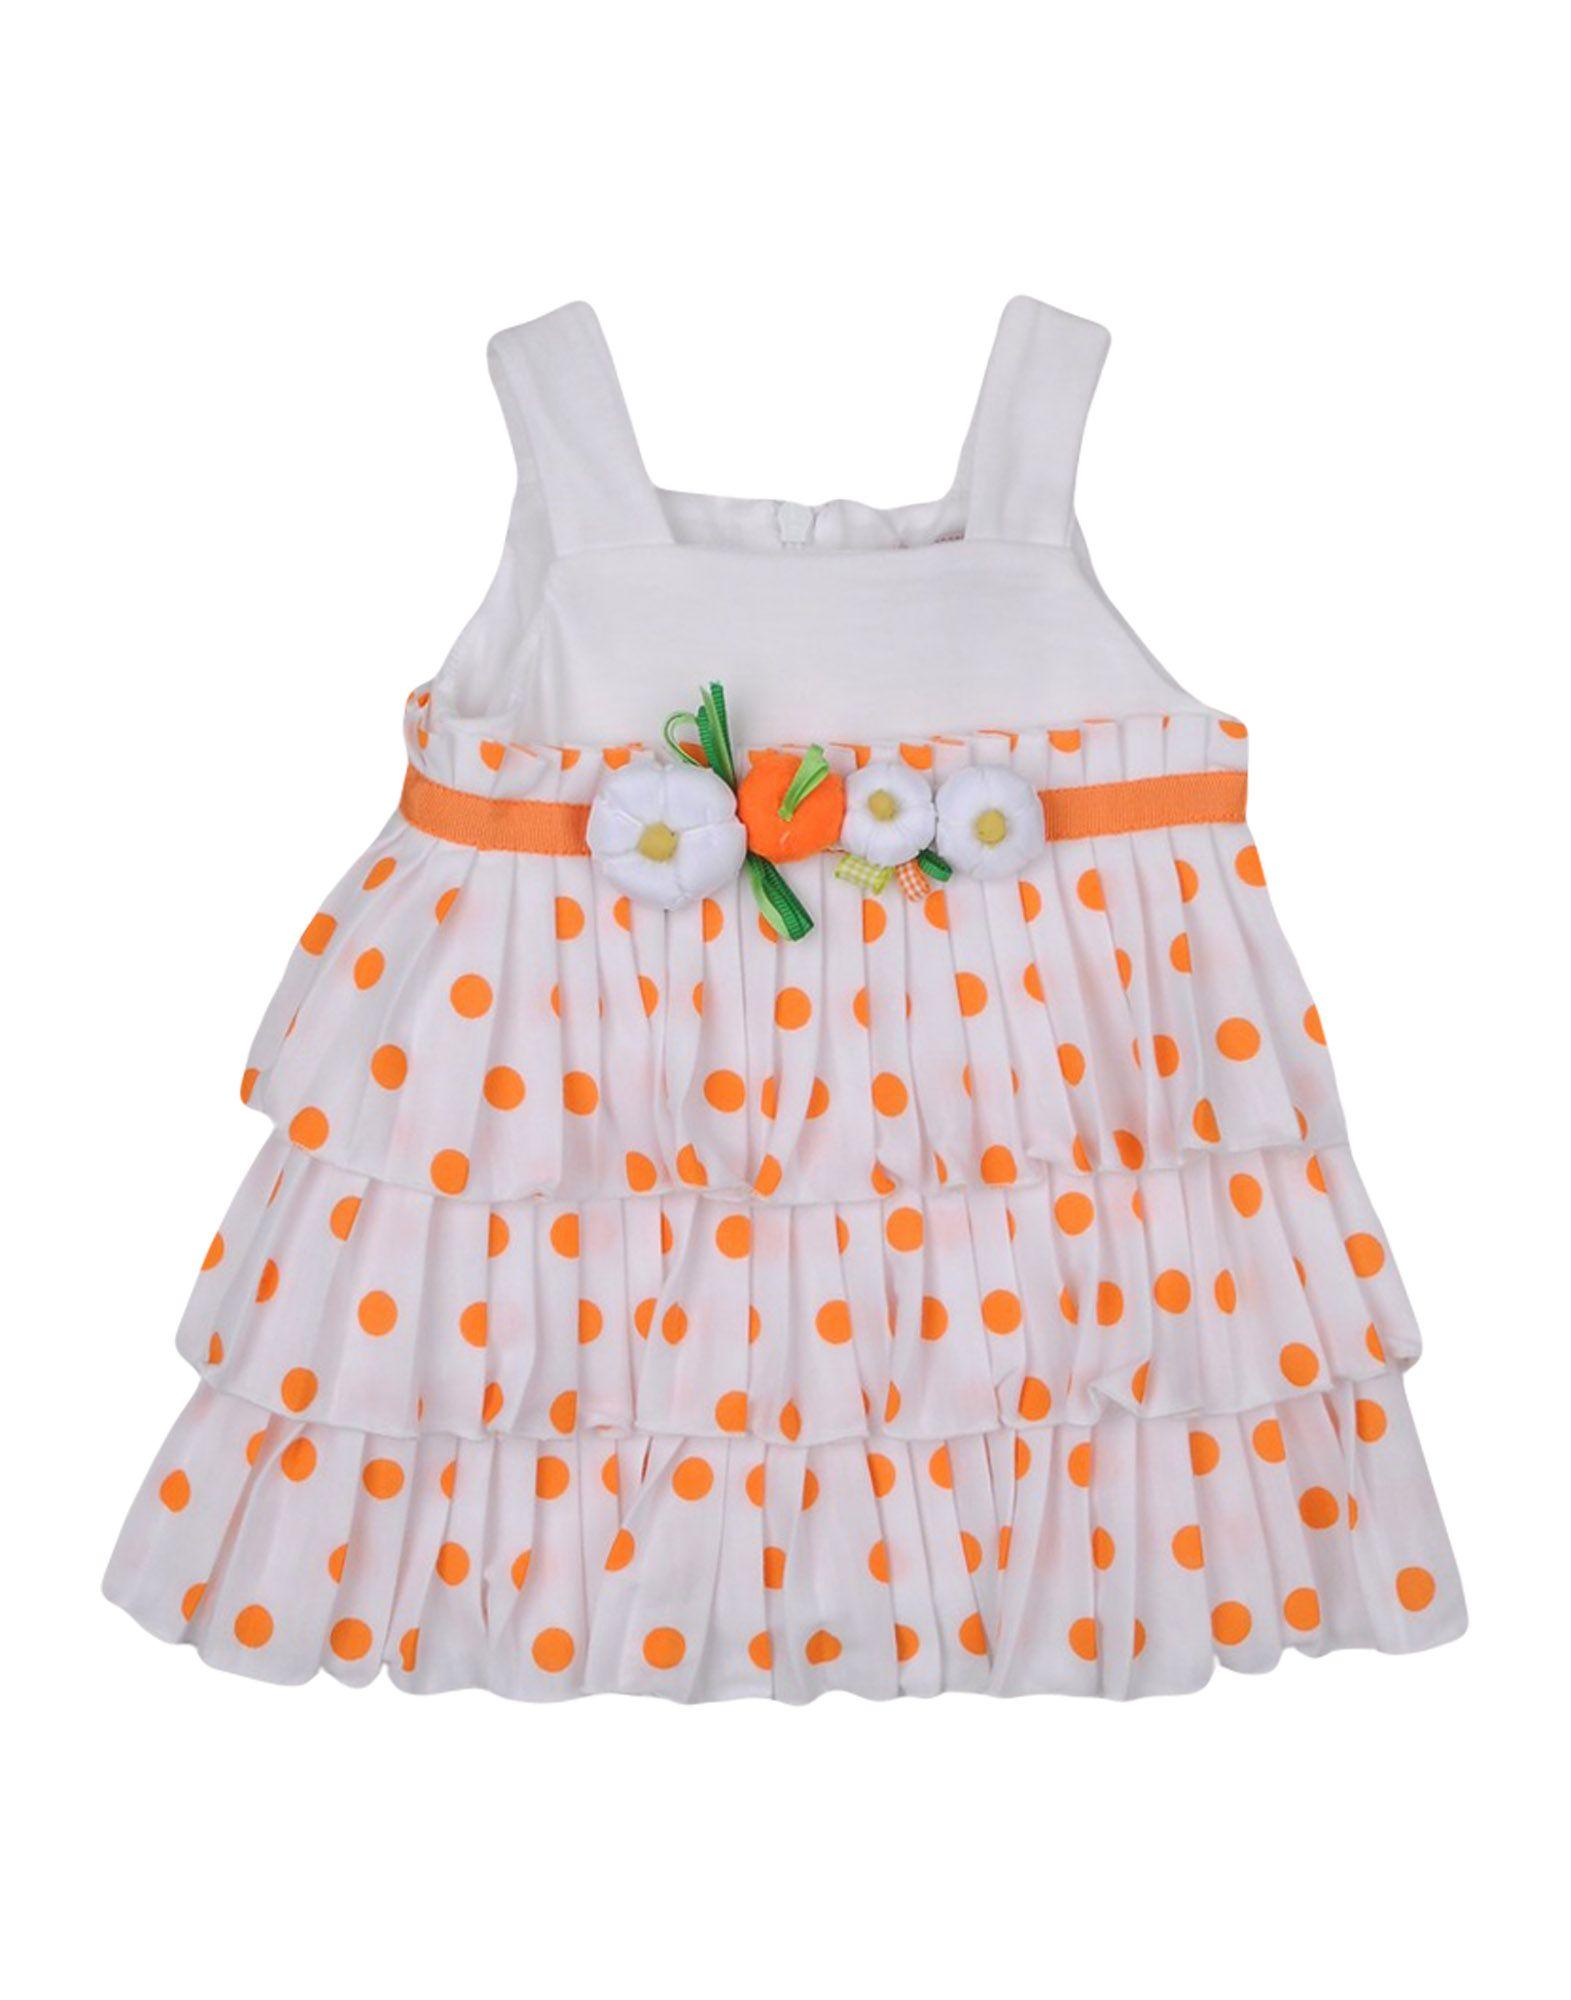 Φόρεμα Monnalisa Bebe  Kορίτσι 0-24 μηνών στο YOOX 3b8884c2d14